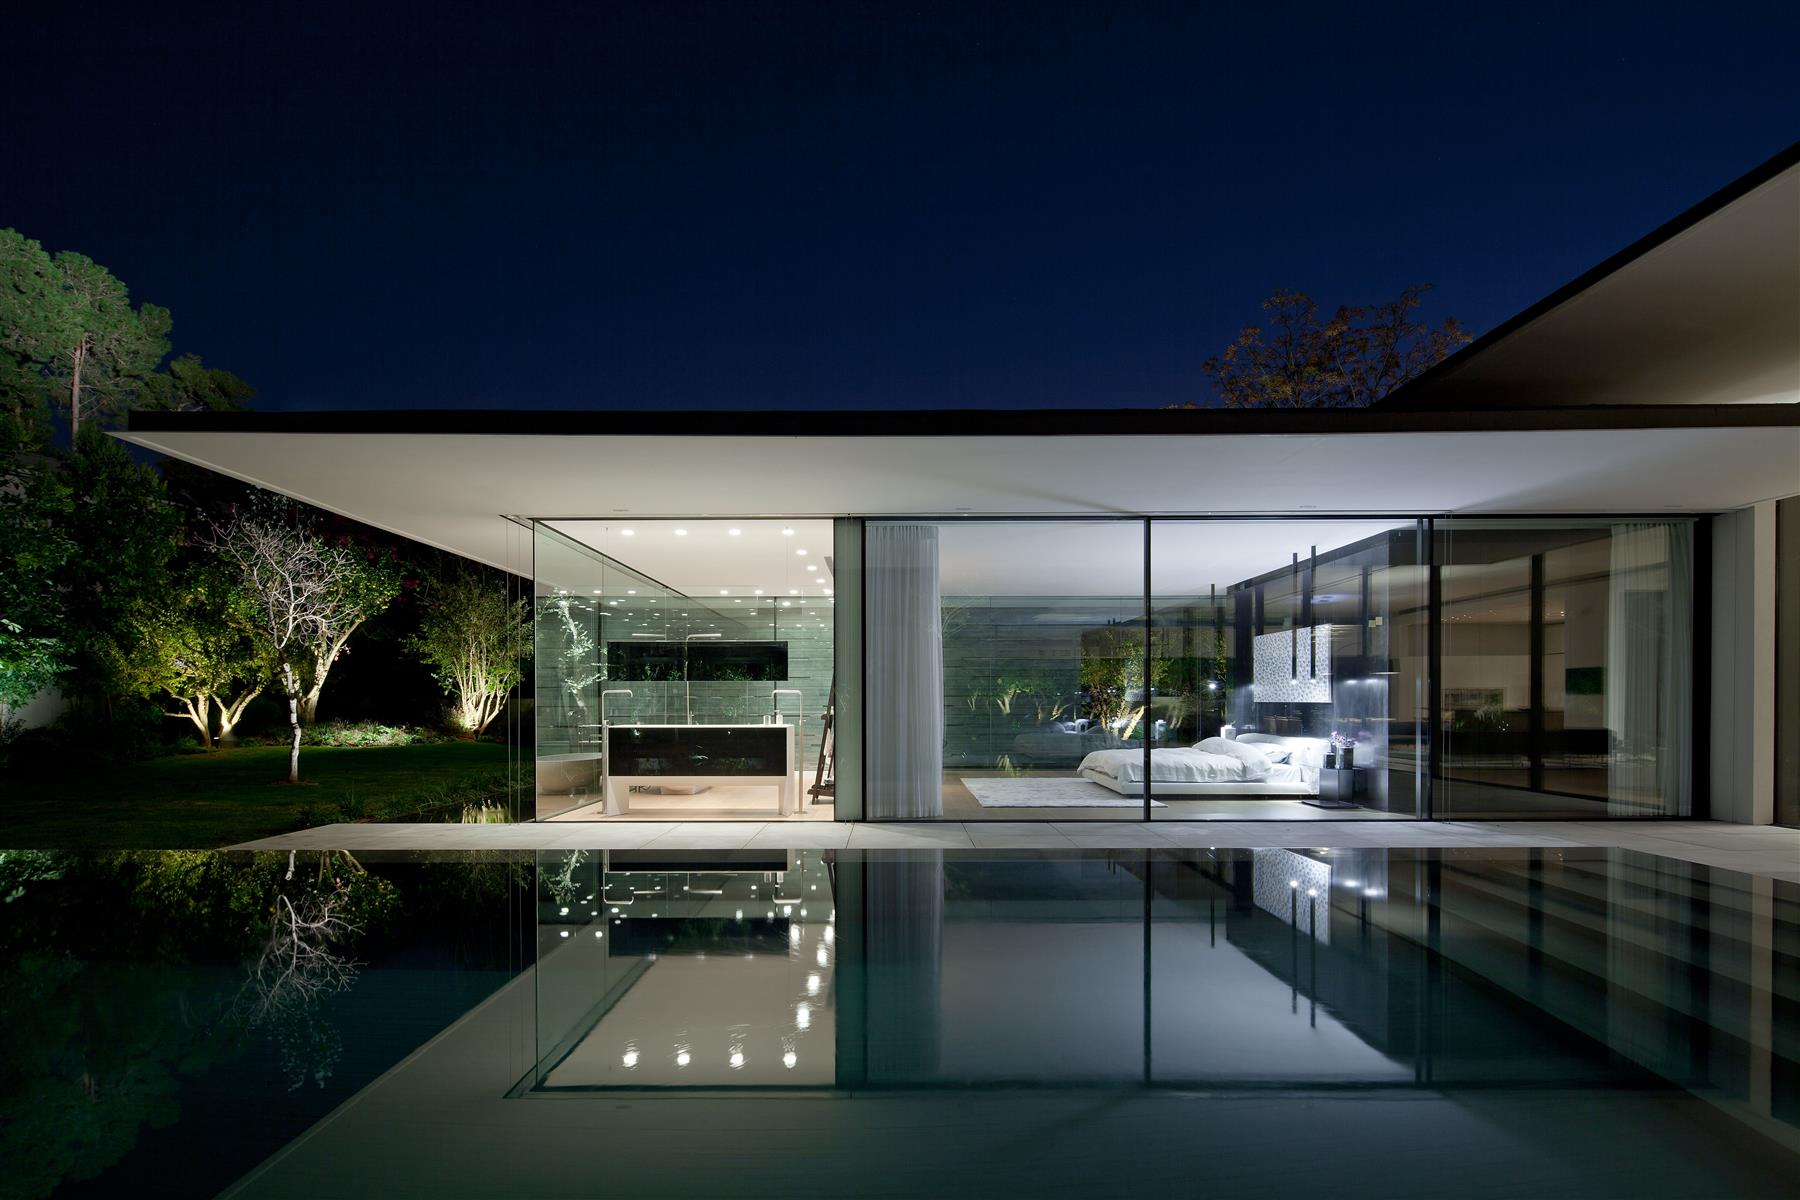 Pitsou_Kedem_Float_house.Ext3